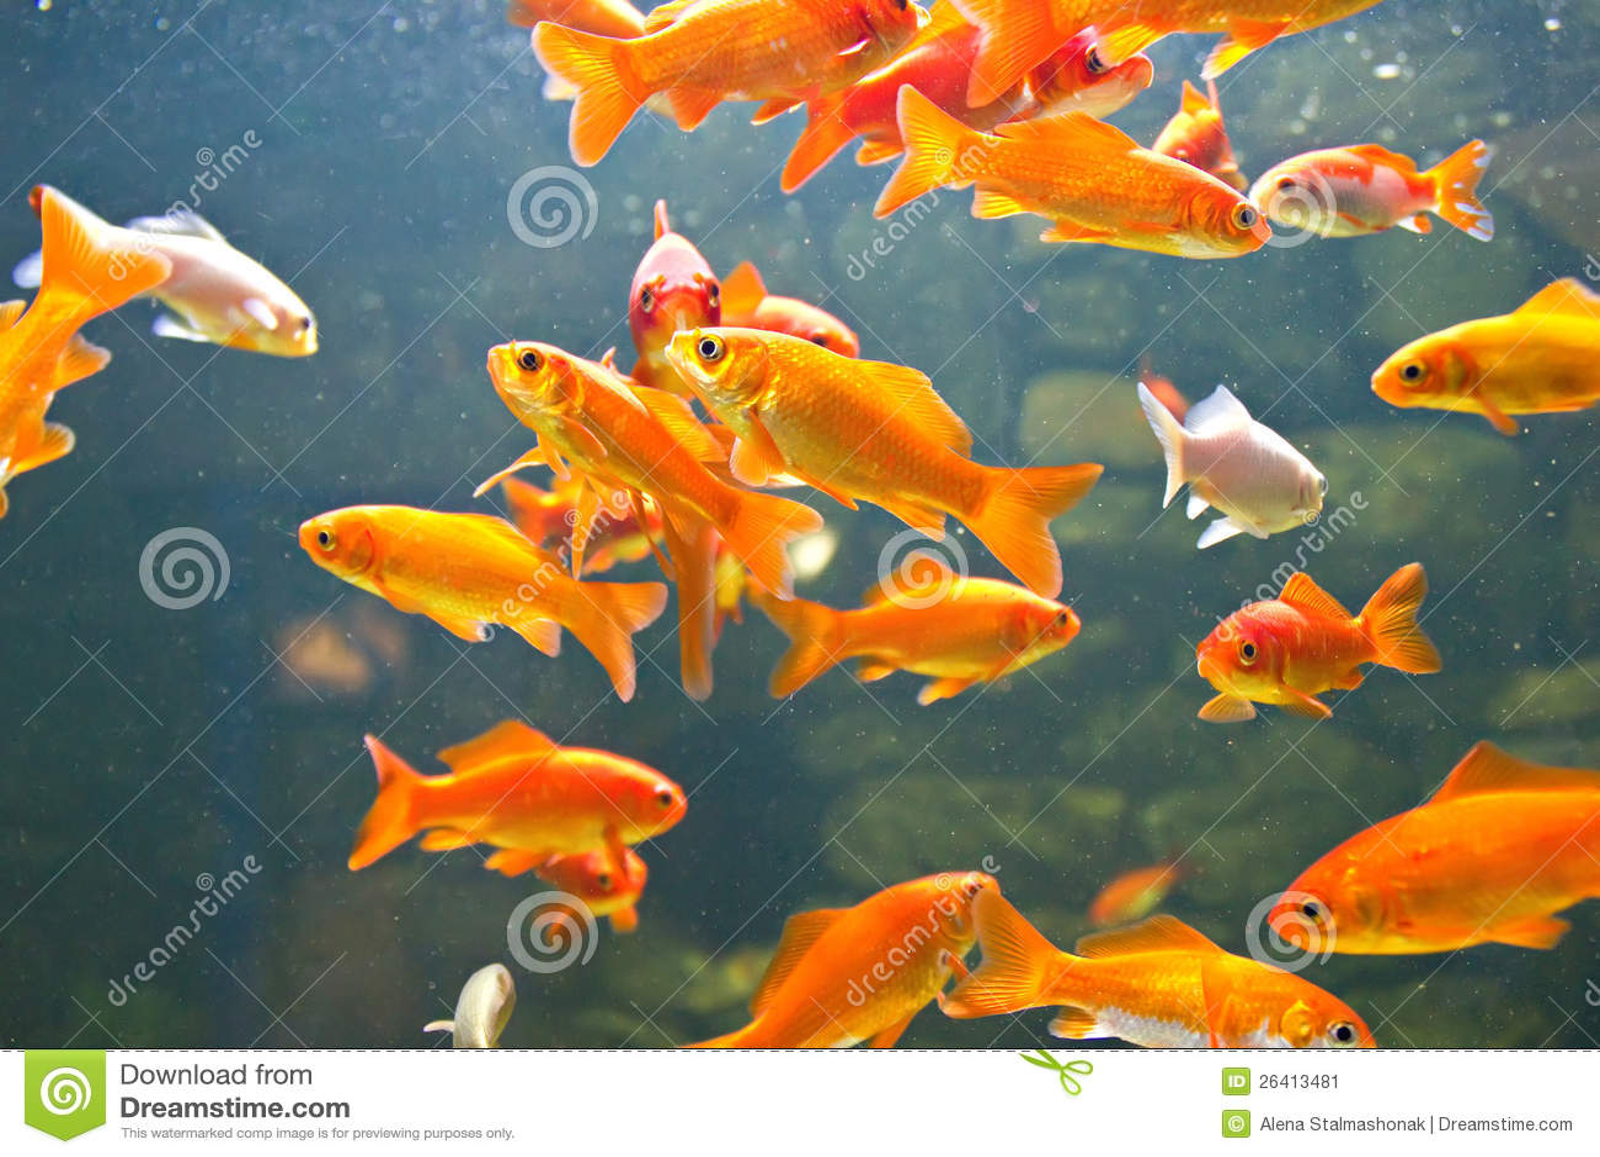 Rot und goldfische stockbild bild 26413481 for Goldfische im aquarium